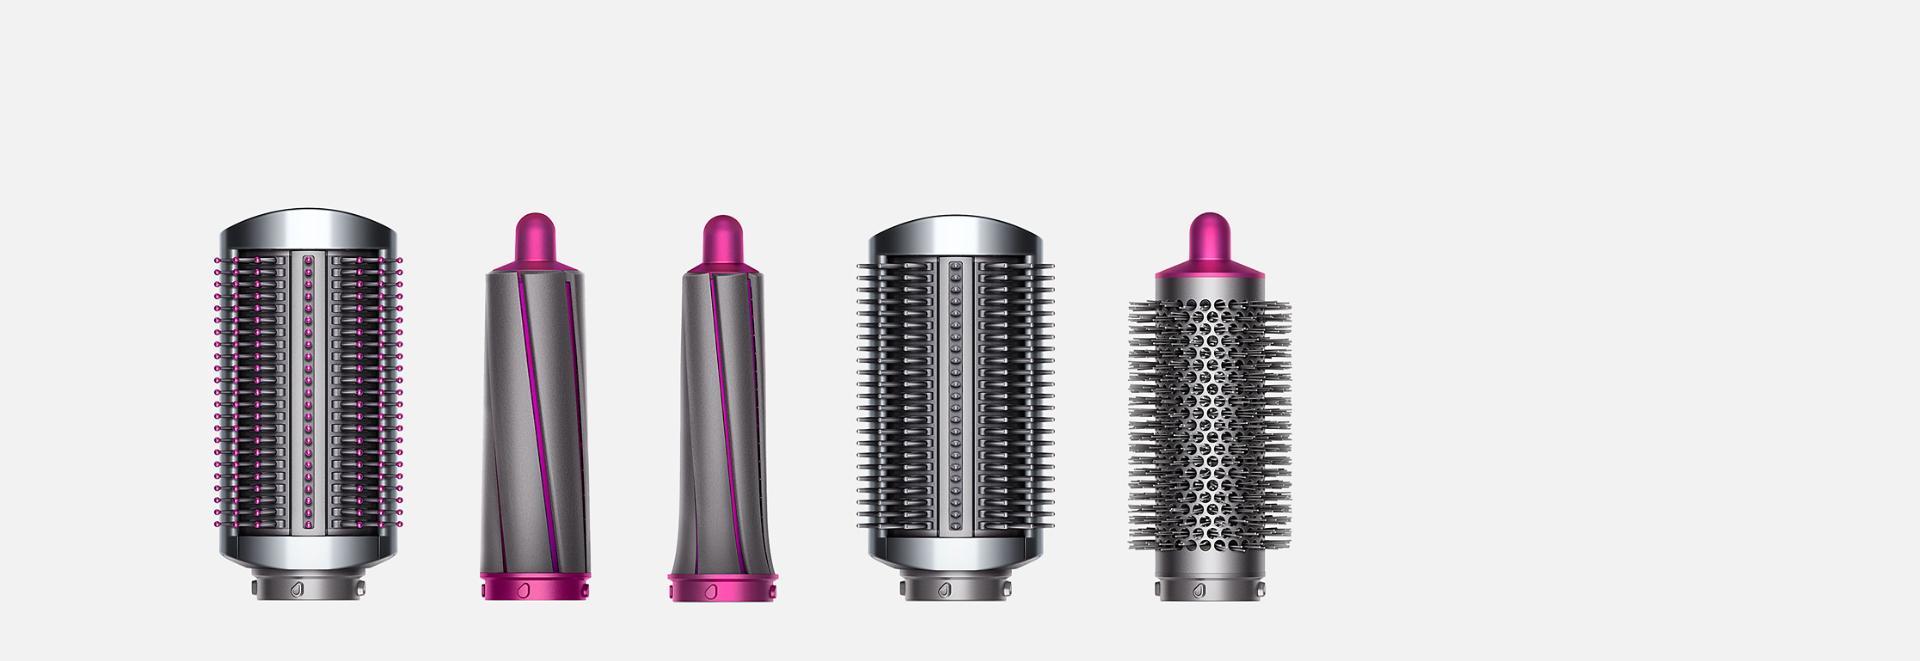 ملحقات تصفيف لمصفِّف الشعر Dyson Airwrap™